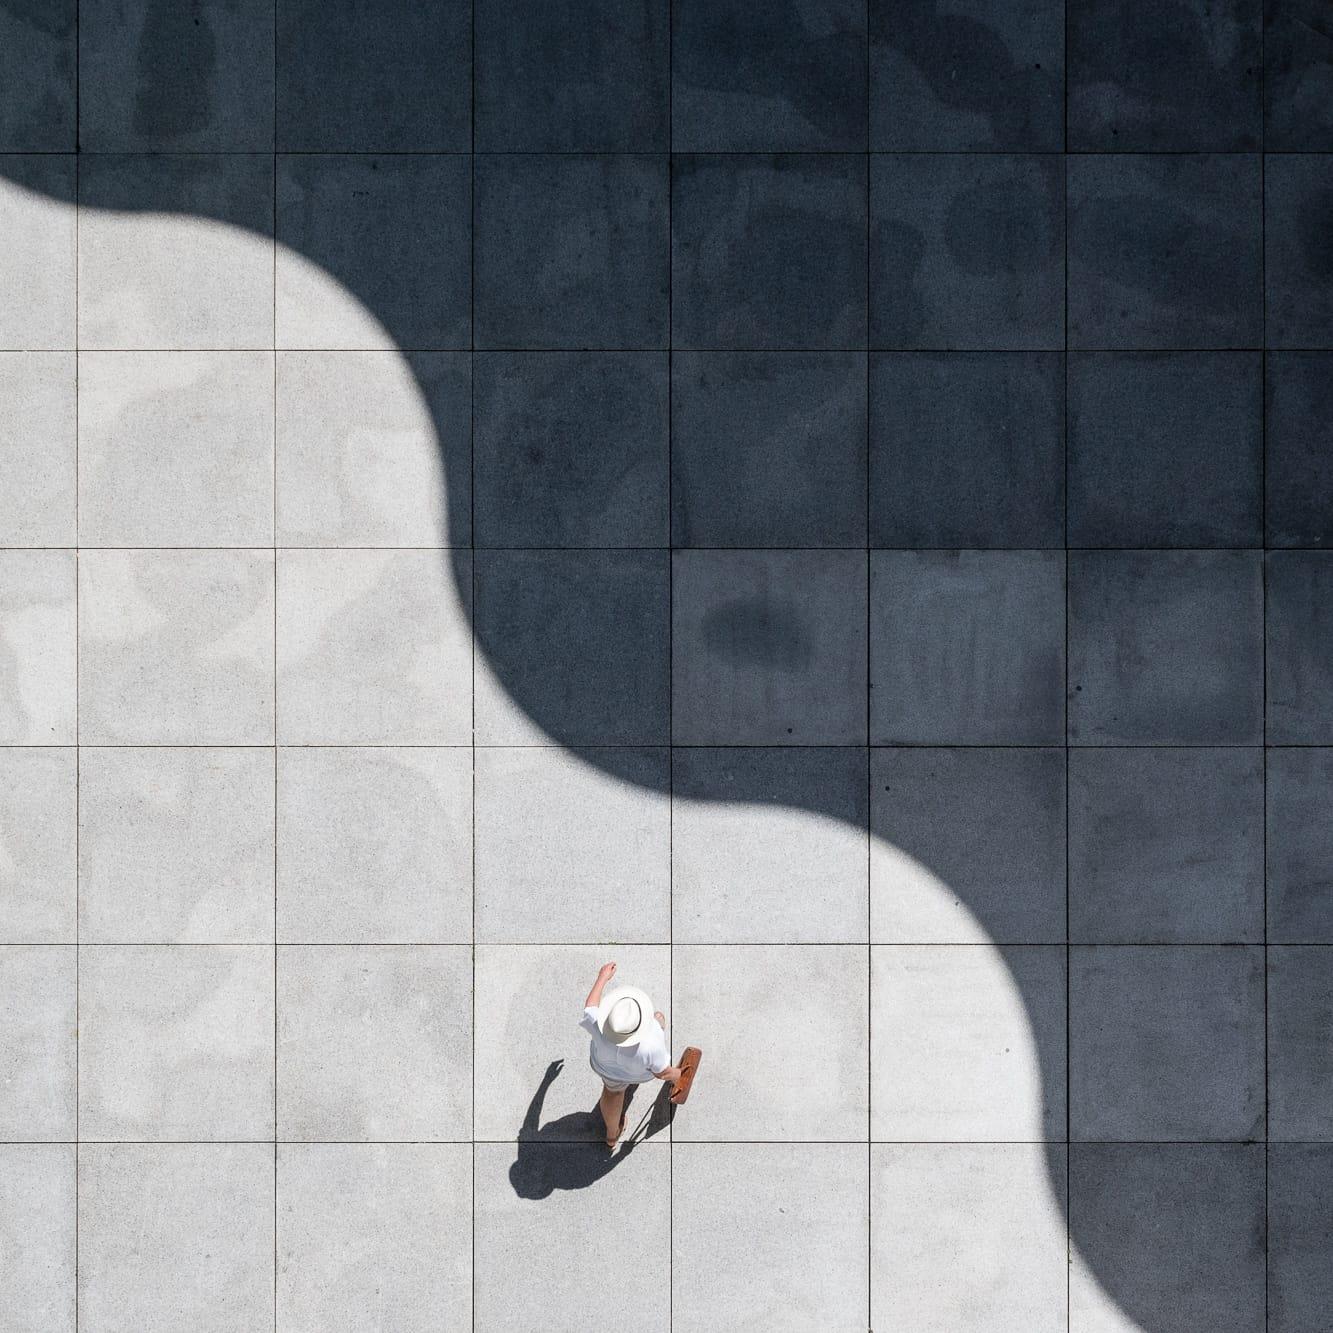 querformat-fotografie - Achim Katzberg - [Bundeskunsthalle ● Bonn / Juli 2016]